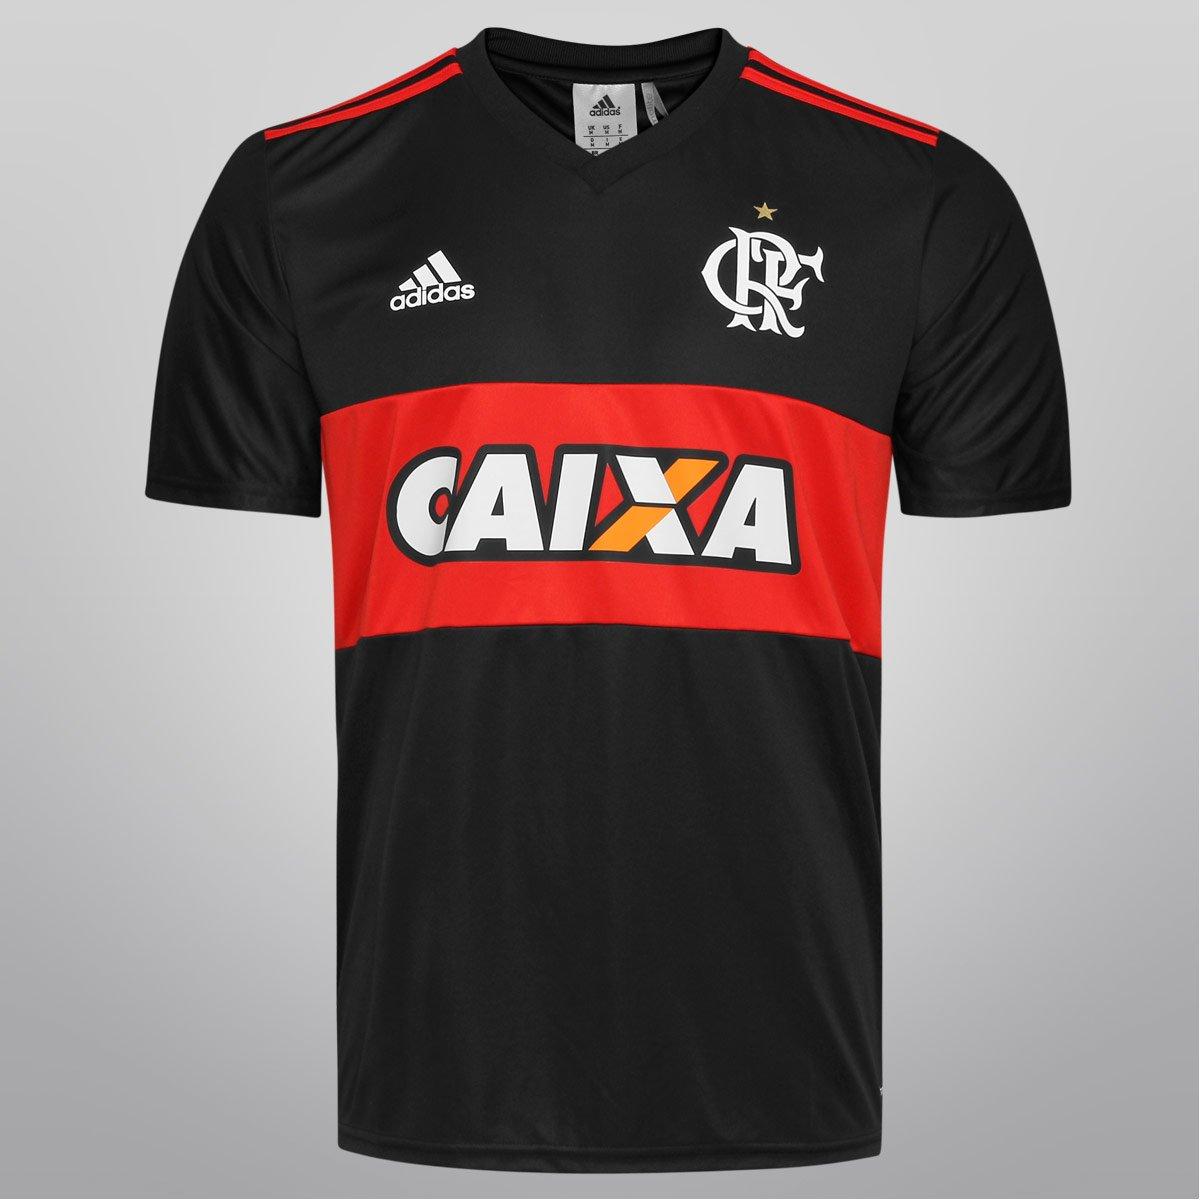 Camisa Adidas Flamengo I 14 15 s nº - Torcedor - Compre Agora  b75116951eb